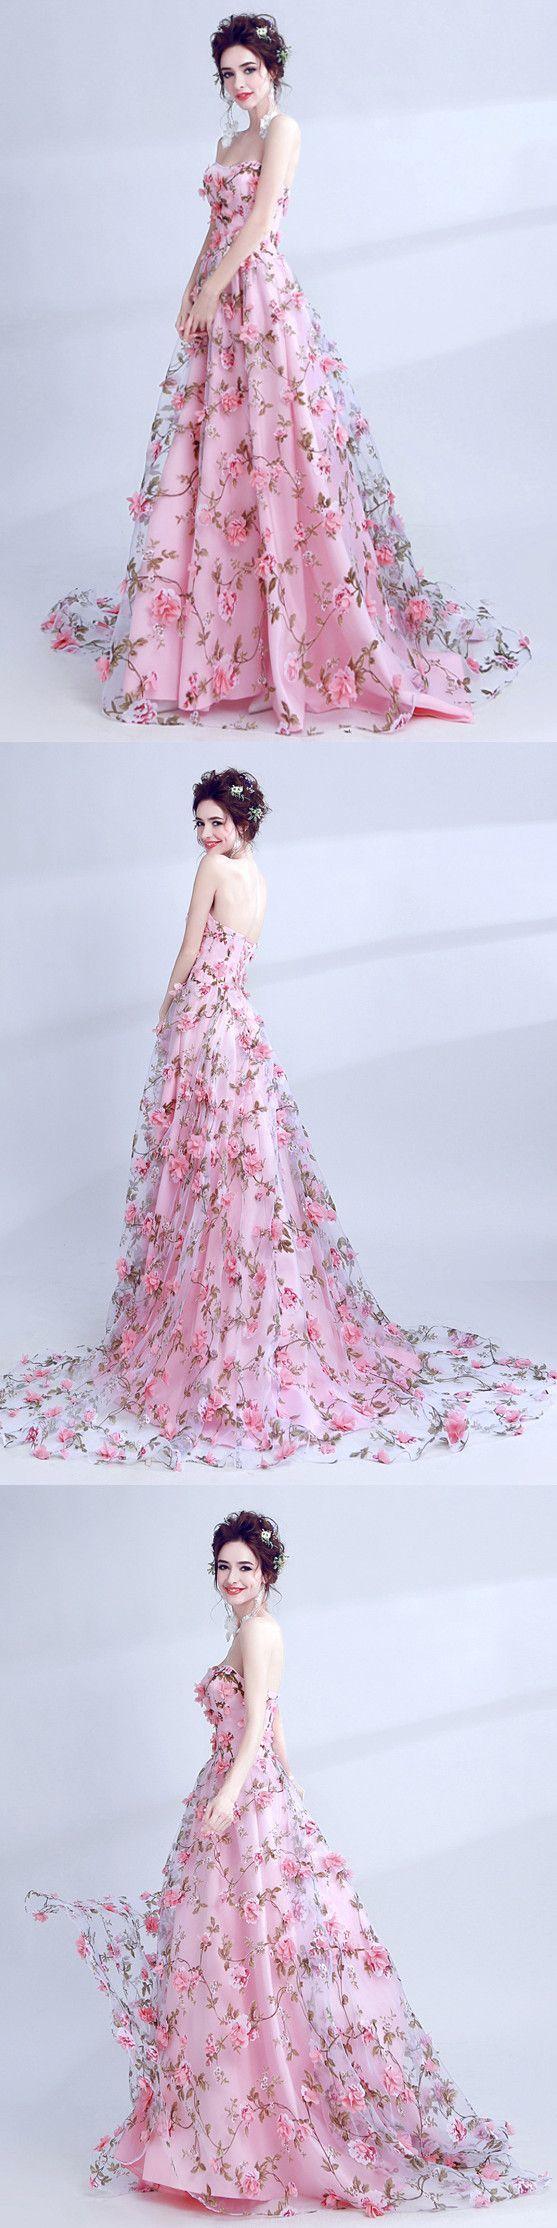 2018 A Line Prom Dress Pink Lace Flower Long By Meetbeauty On Zibbet